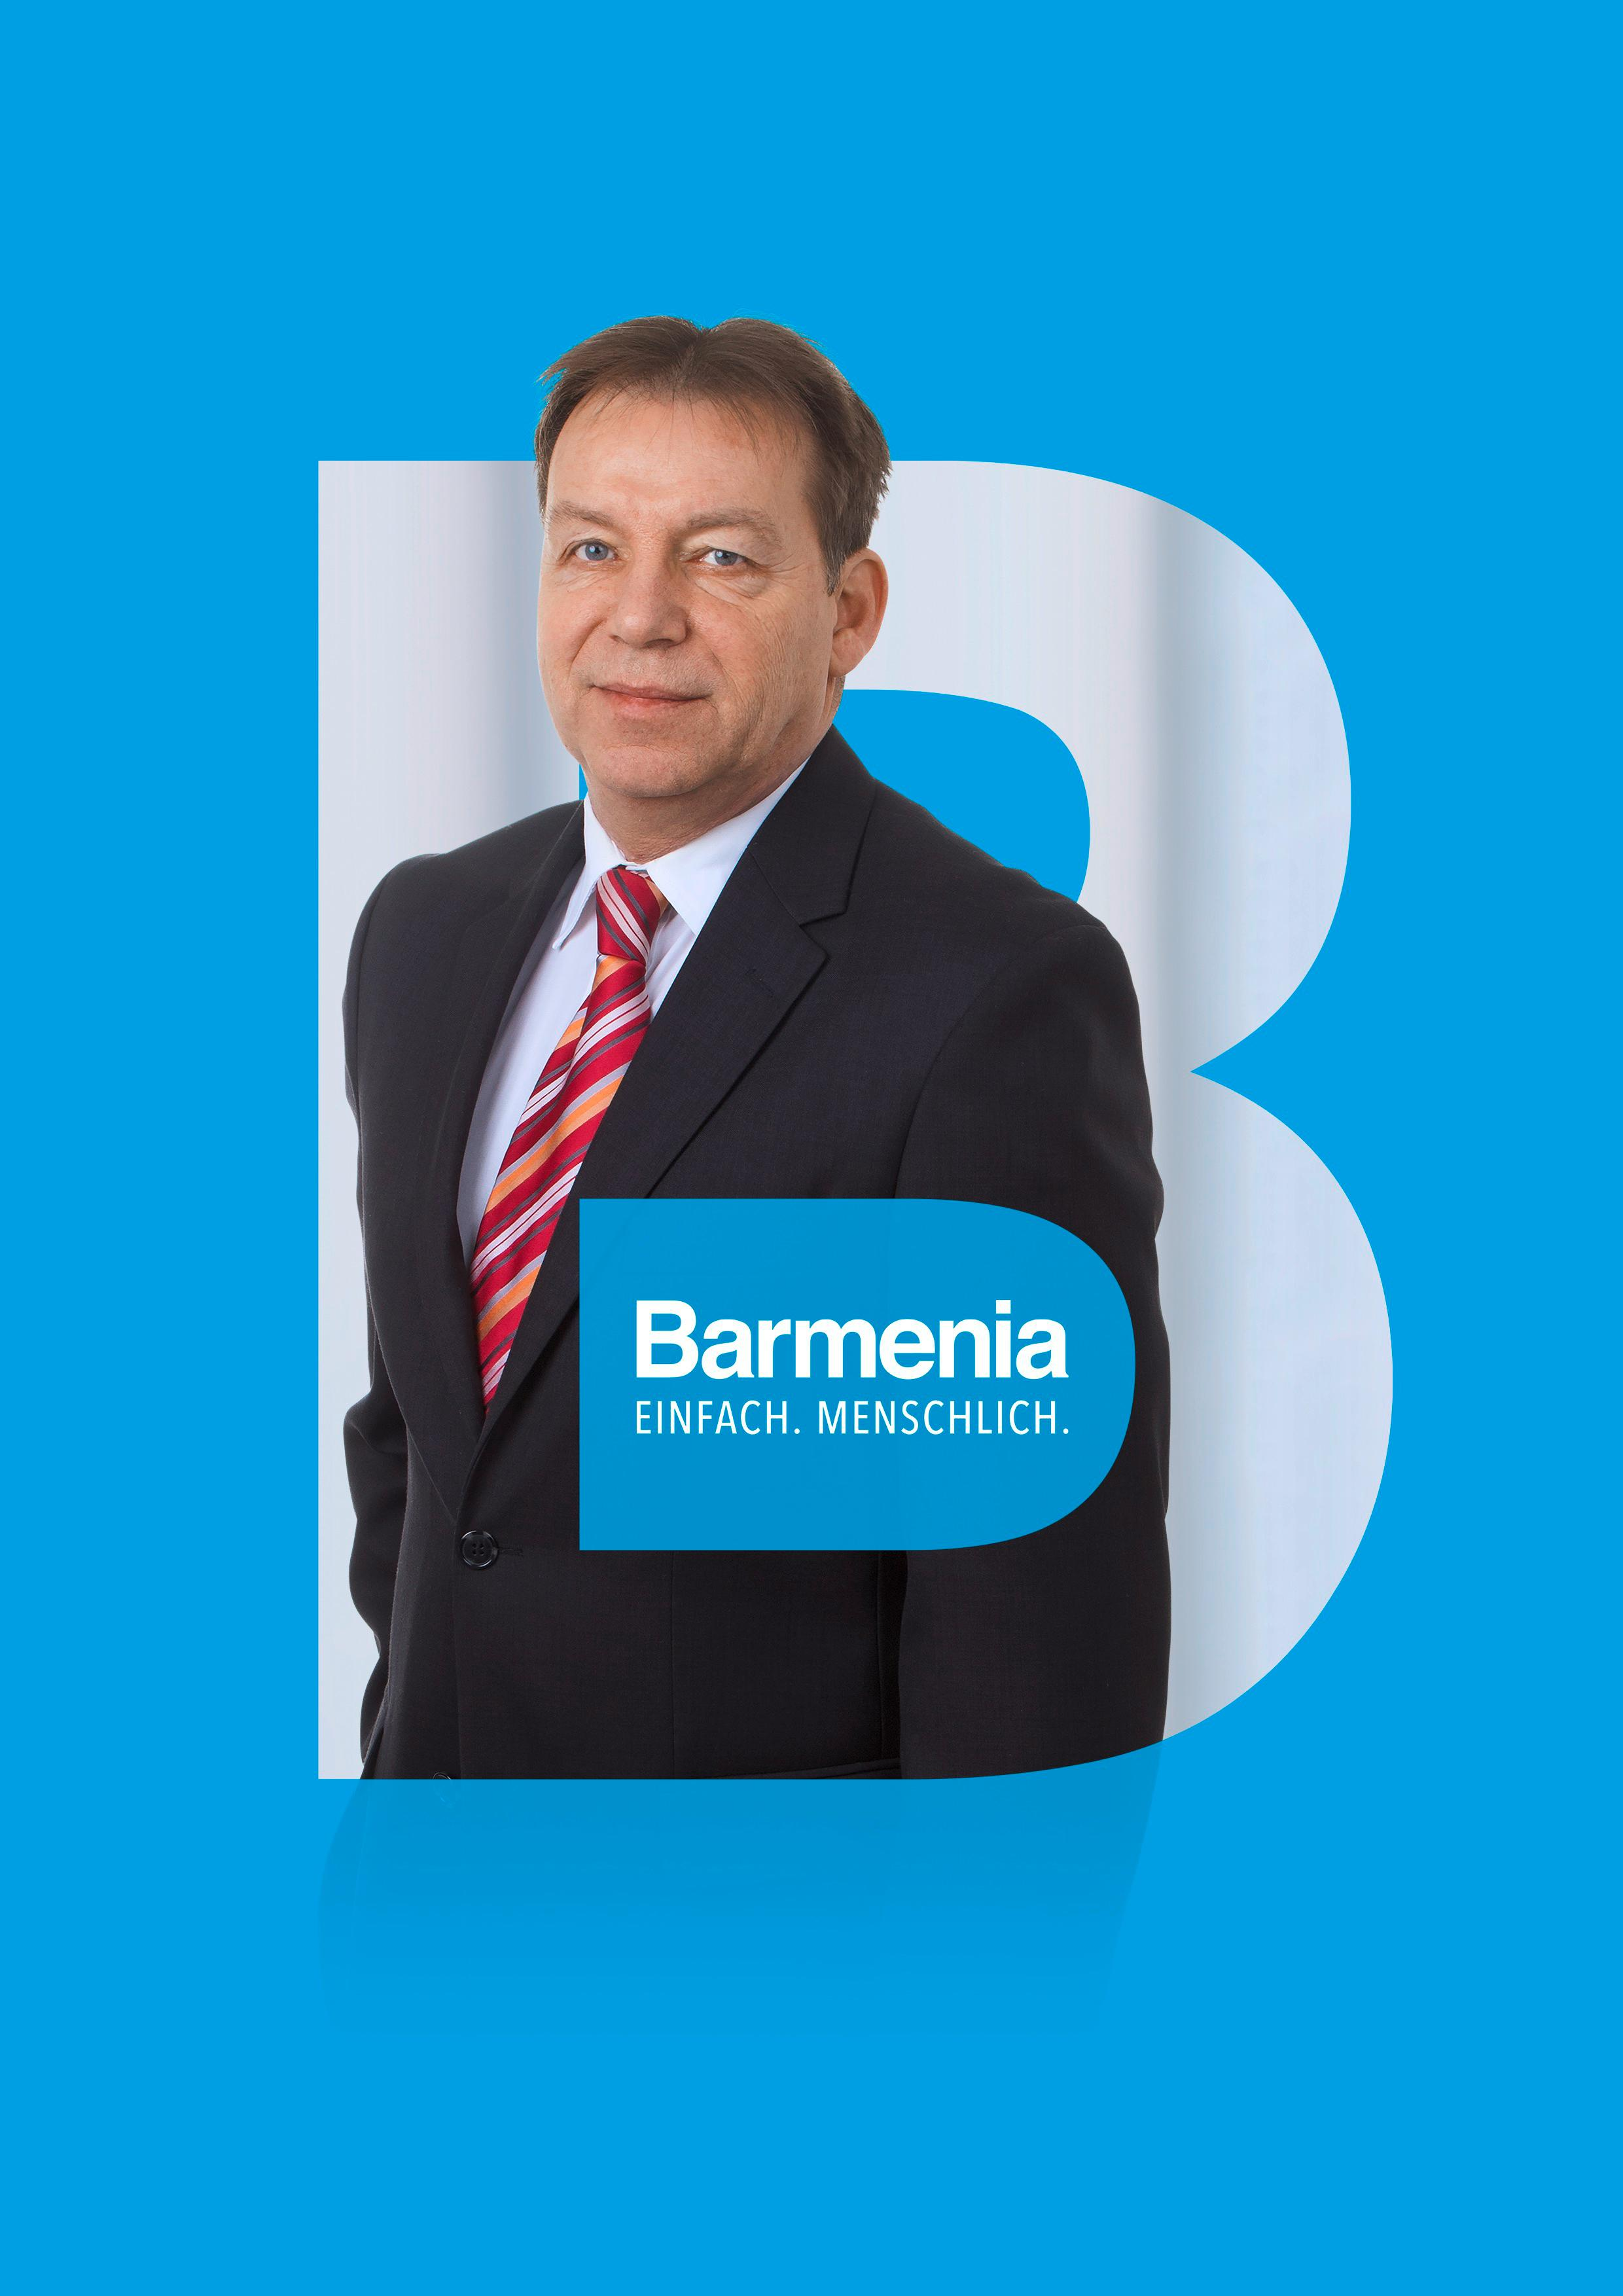 Martin Franzes Sifer. Ihr Ansprechpartner für die Barmenia Versicherung in Lörrach.